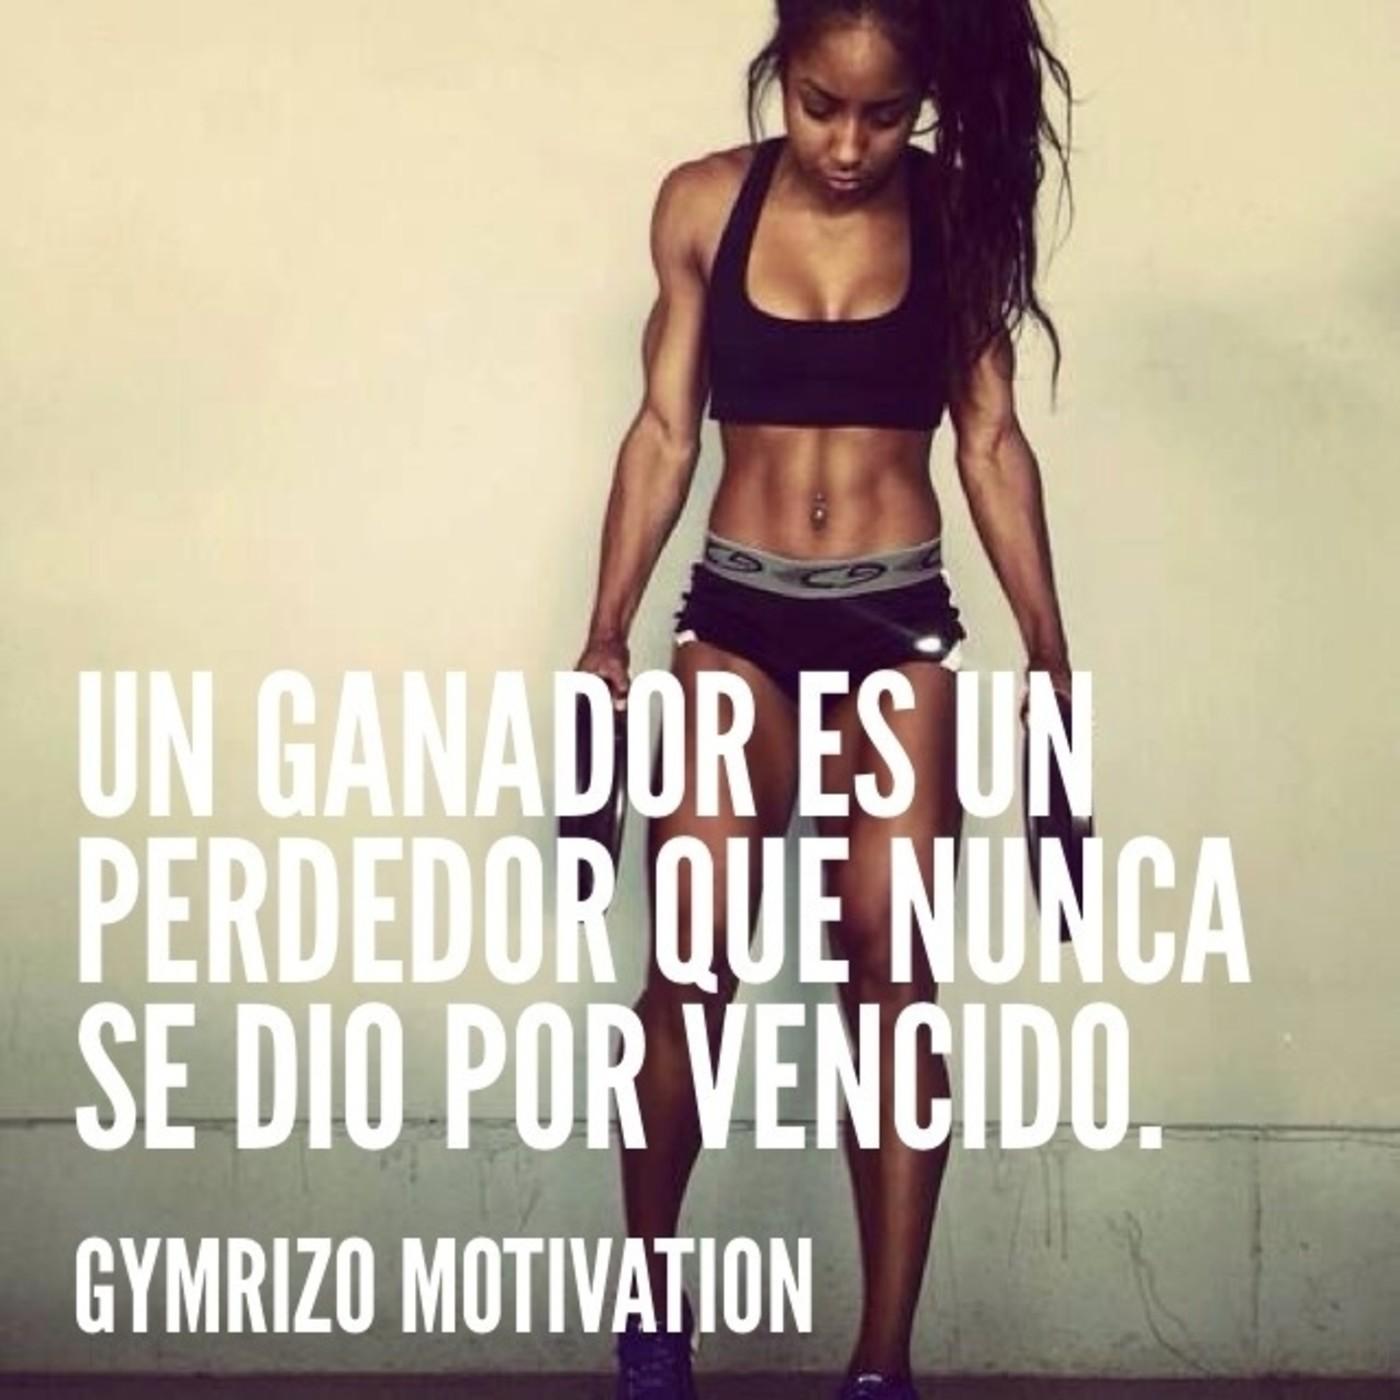 Motivacion Gym En Madeburbano En Mp3 07 04 A Las 03 59 49